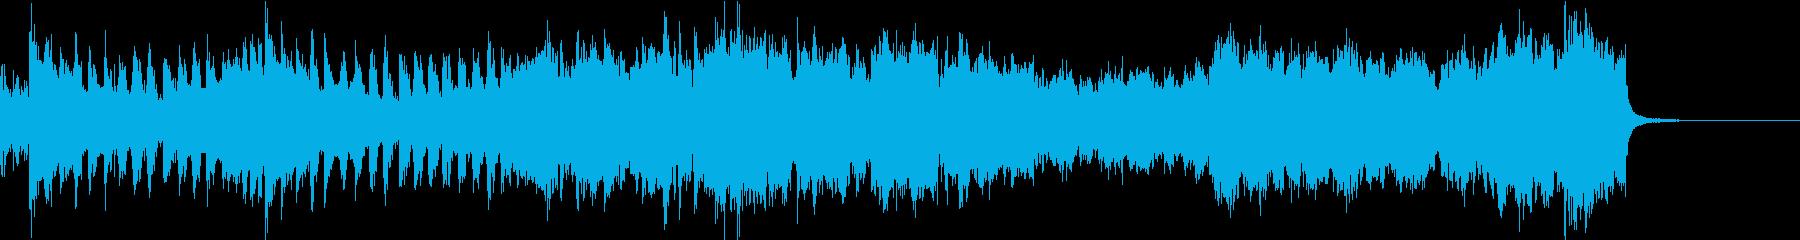 ゲームのOPや式典ファンファーレなどにの再生済みの波形